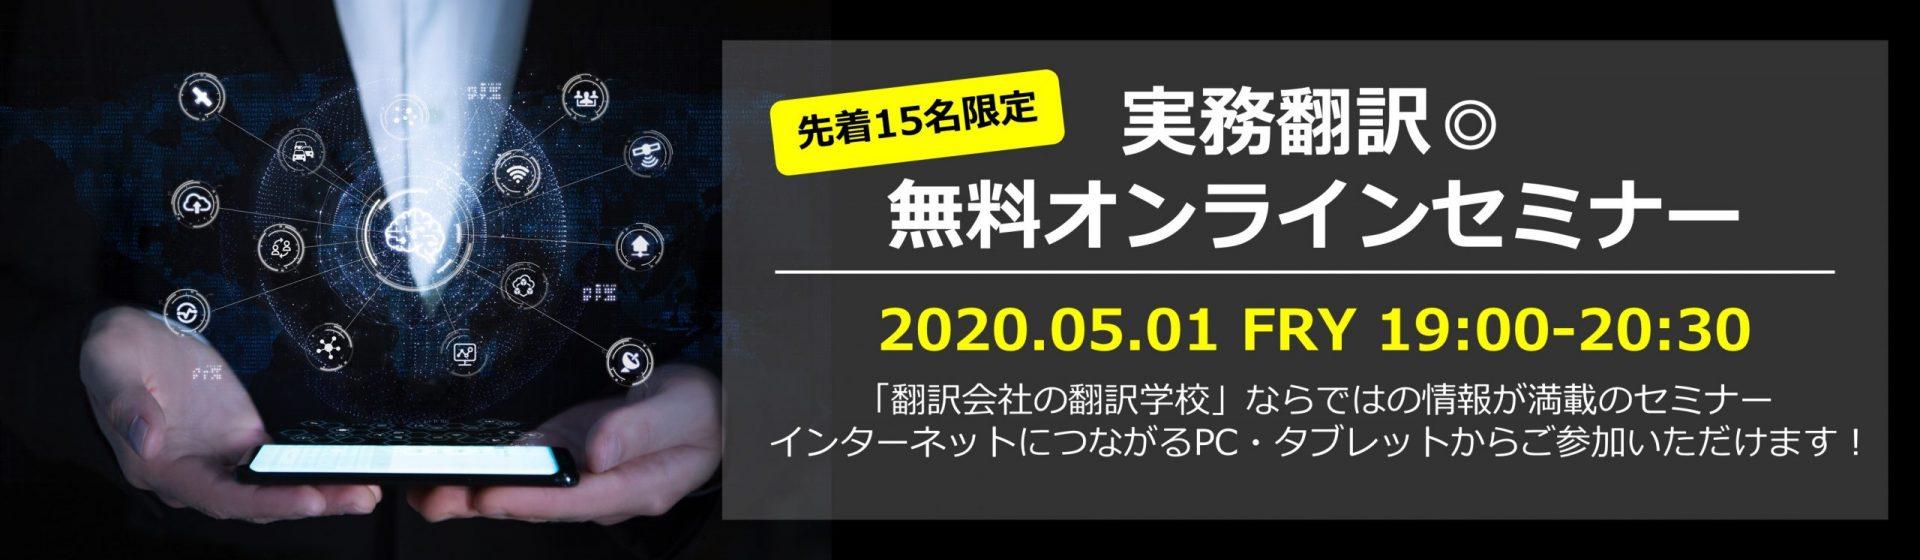 実務翻訳◎無料オンラインセミナー 2020年5月1日(金)開催!!(募集を締め切りました)